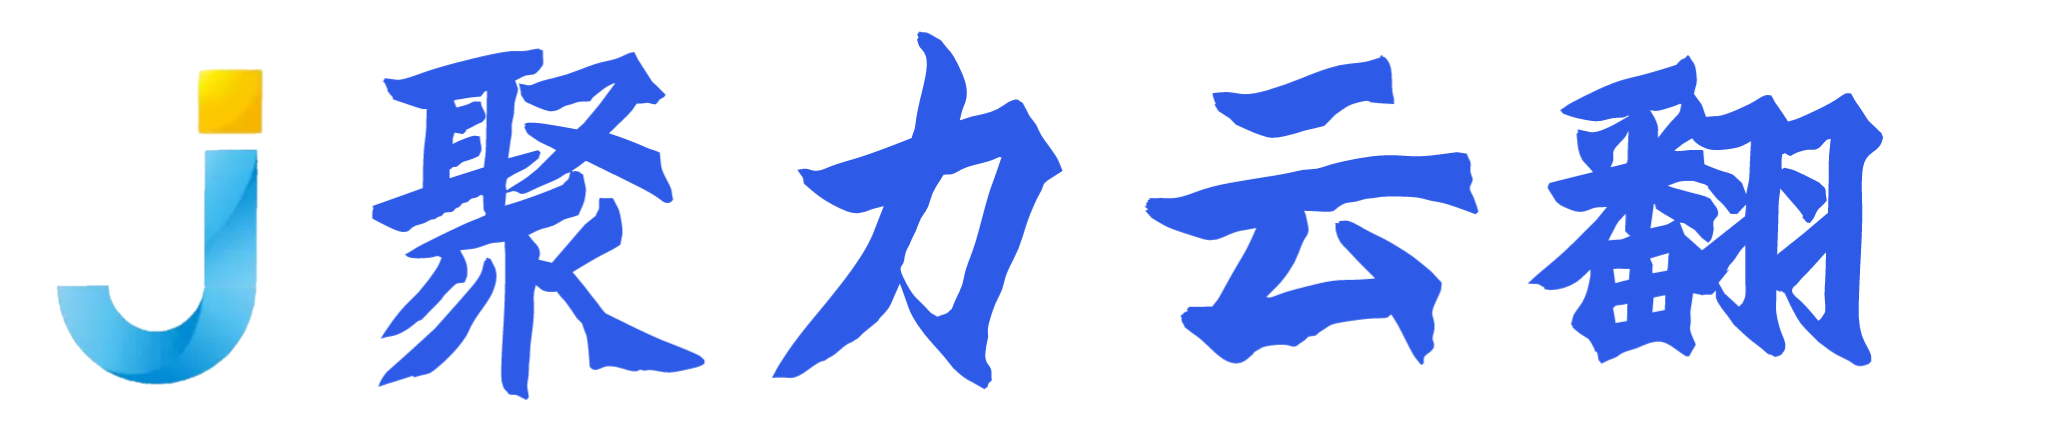 YunFun